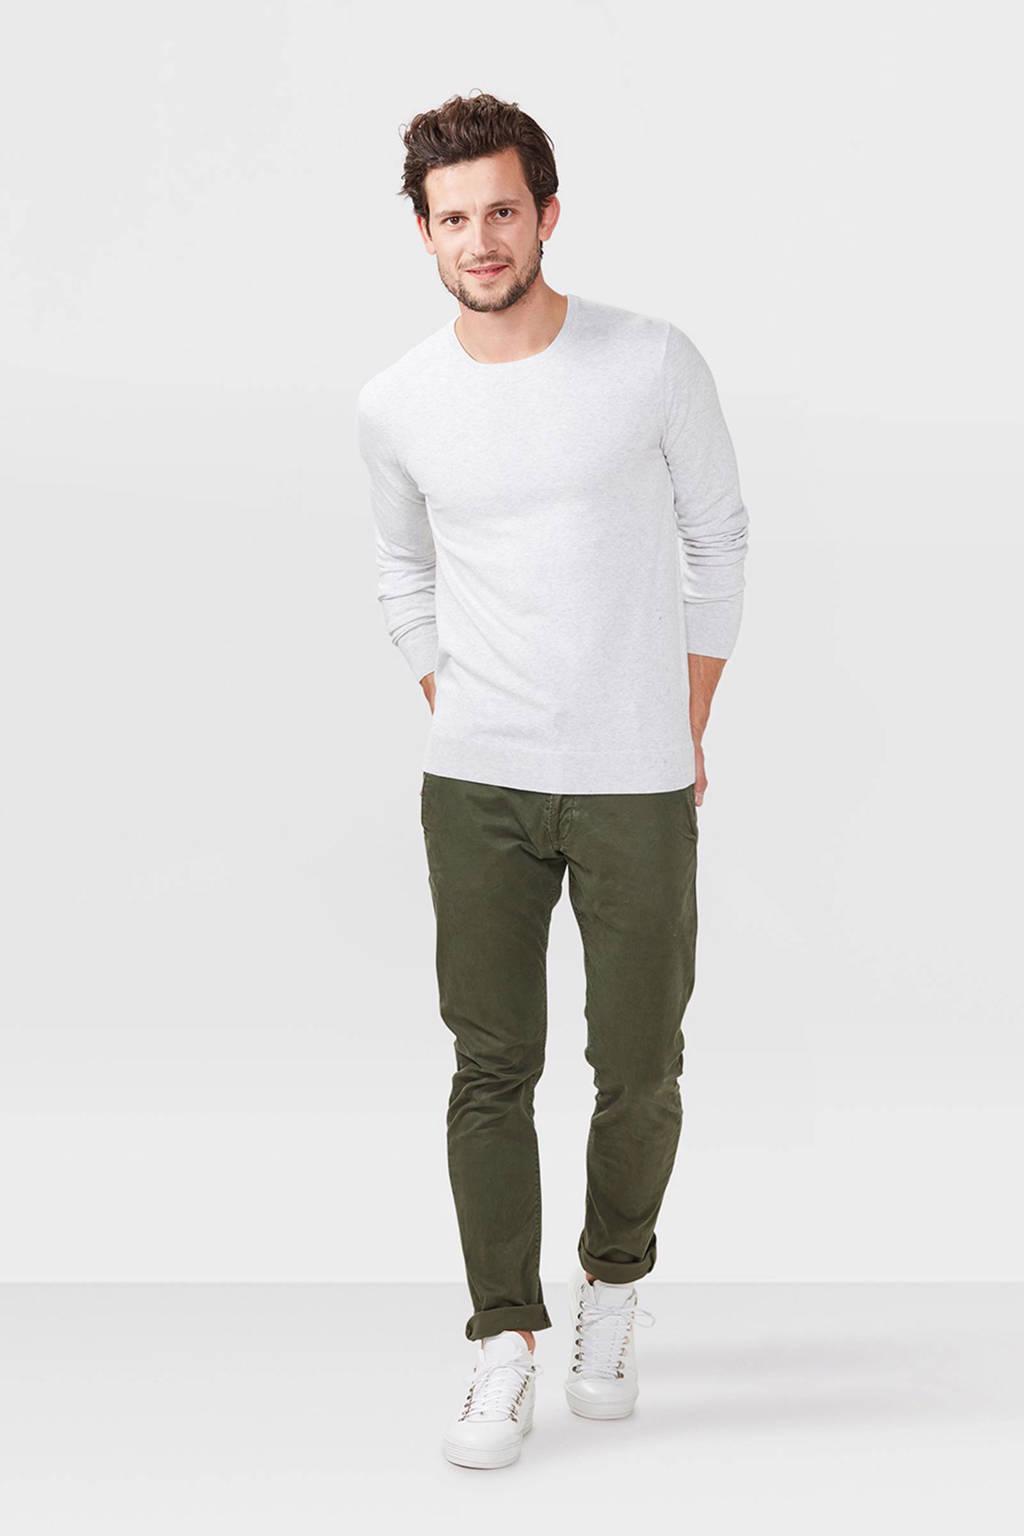 WE Fashion Fundamental trui, White Melange